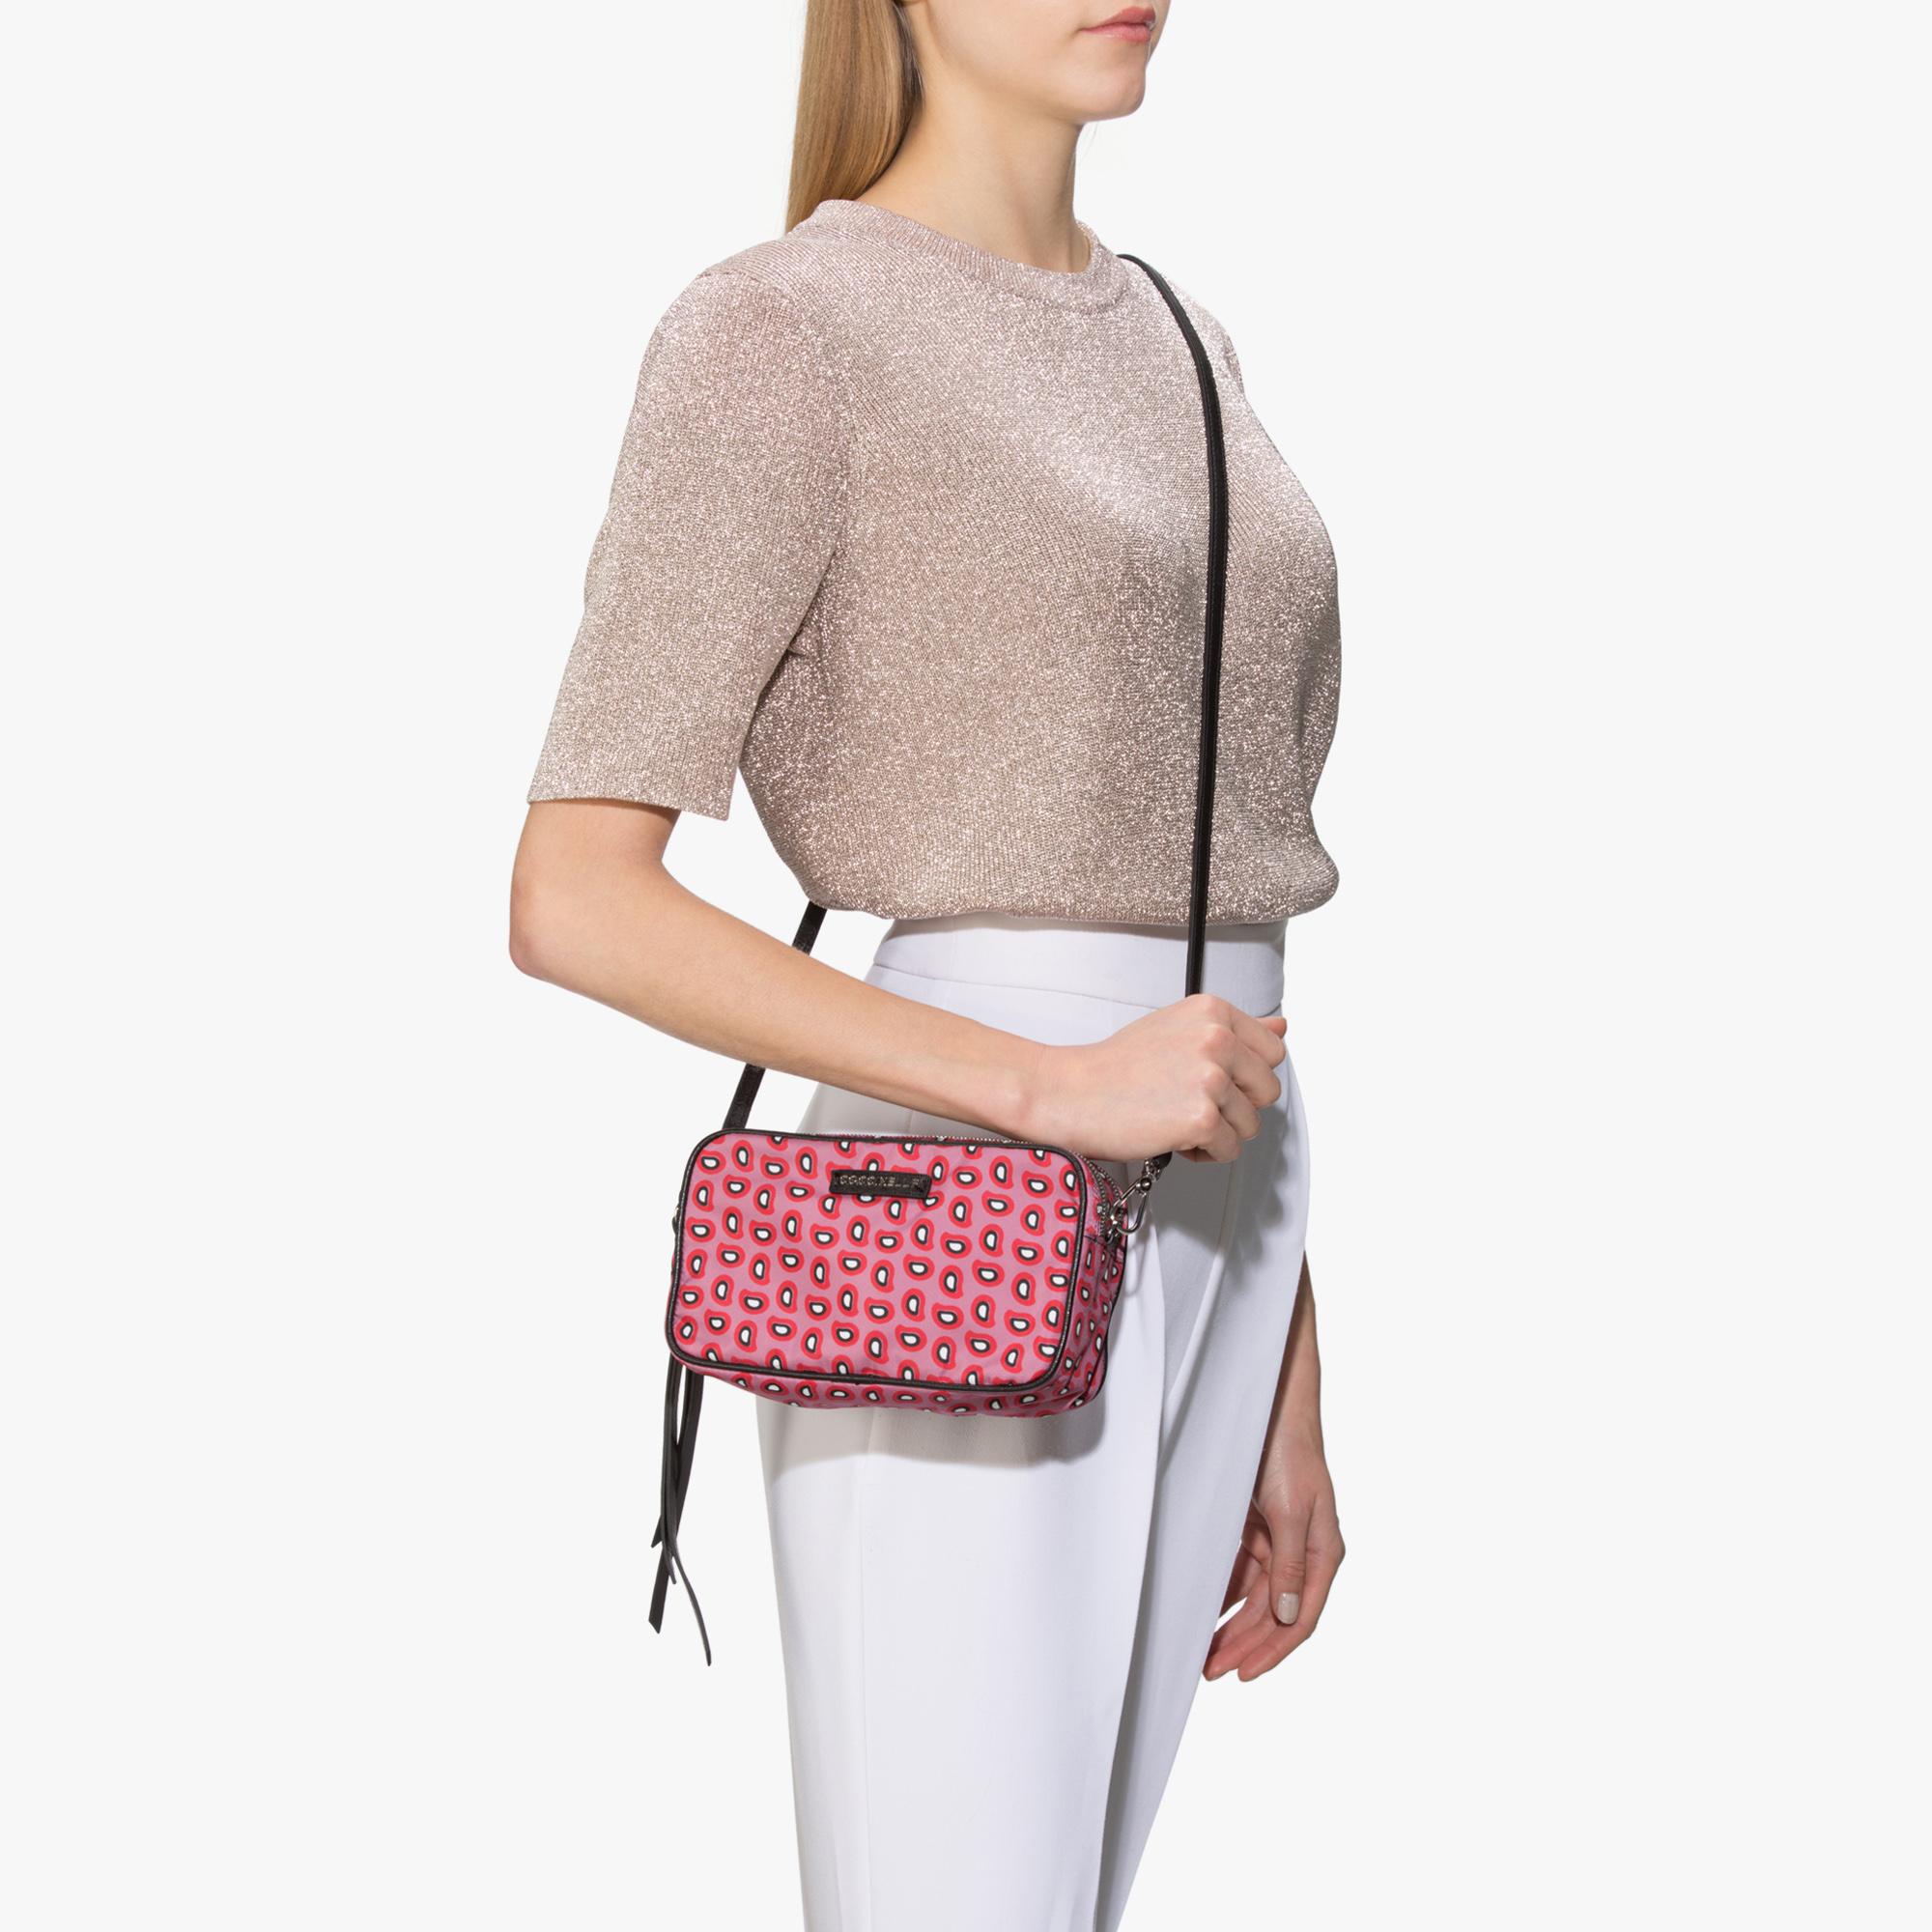 Samira Mini bag in nylon and saffiano leather